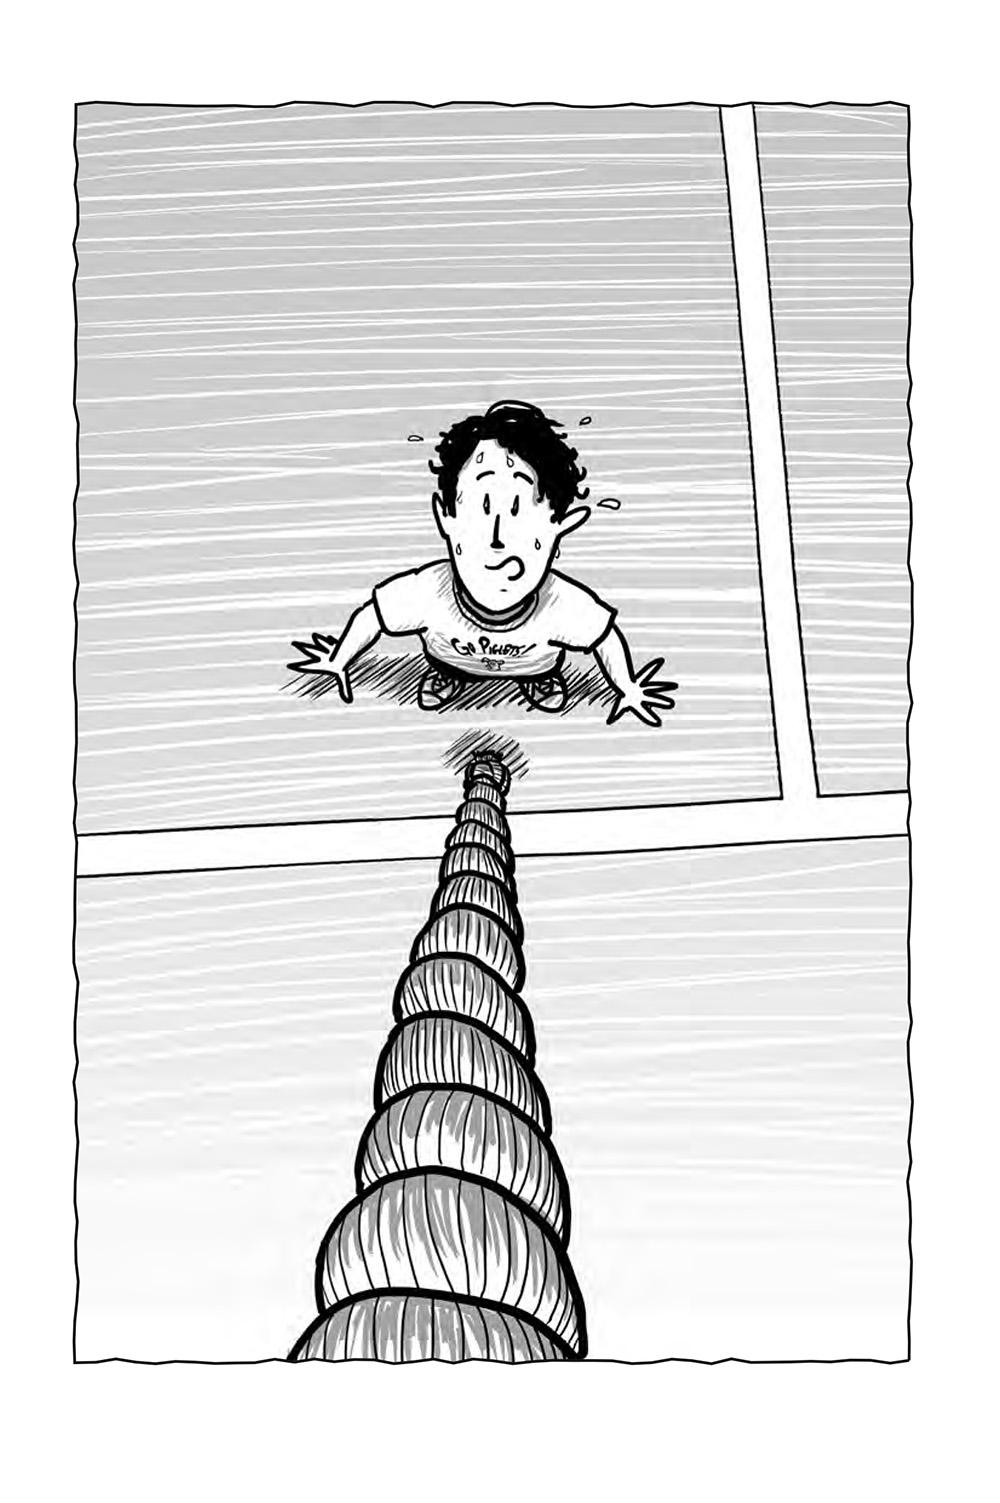 marvin-rope-climb.jpg